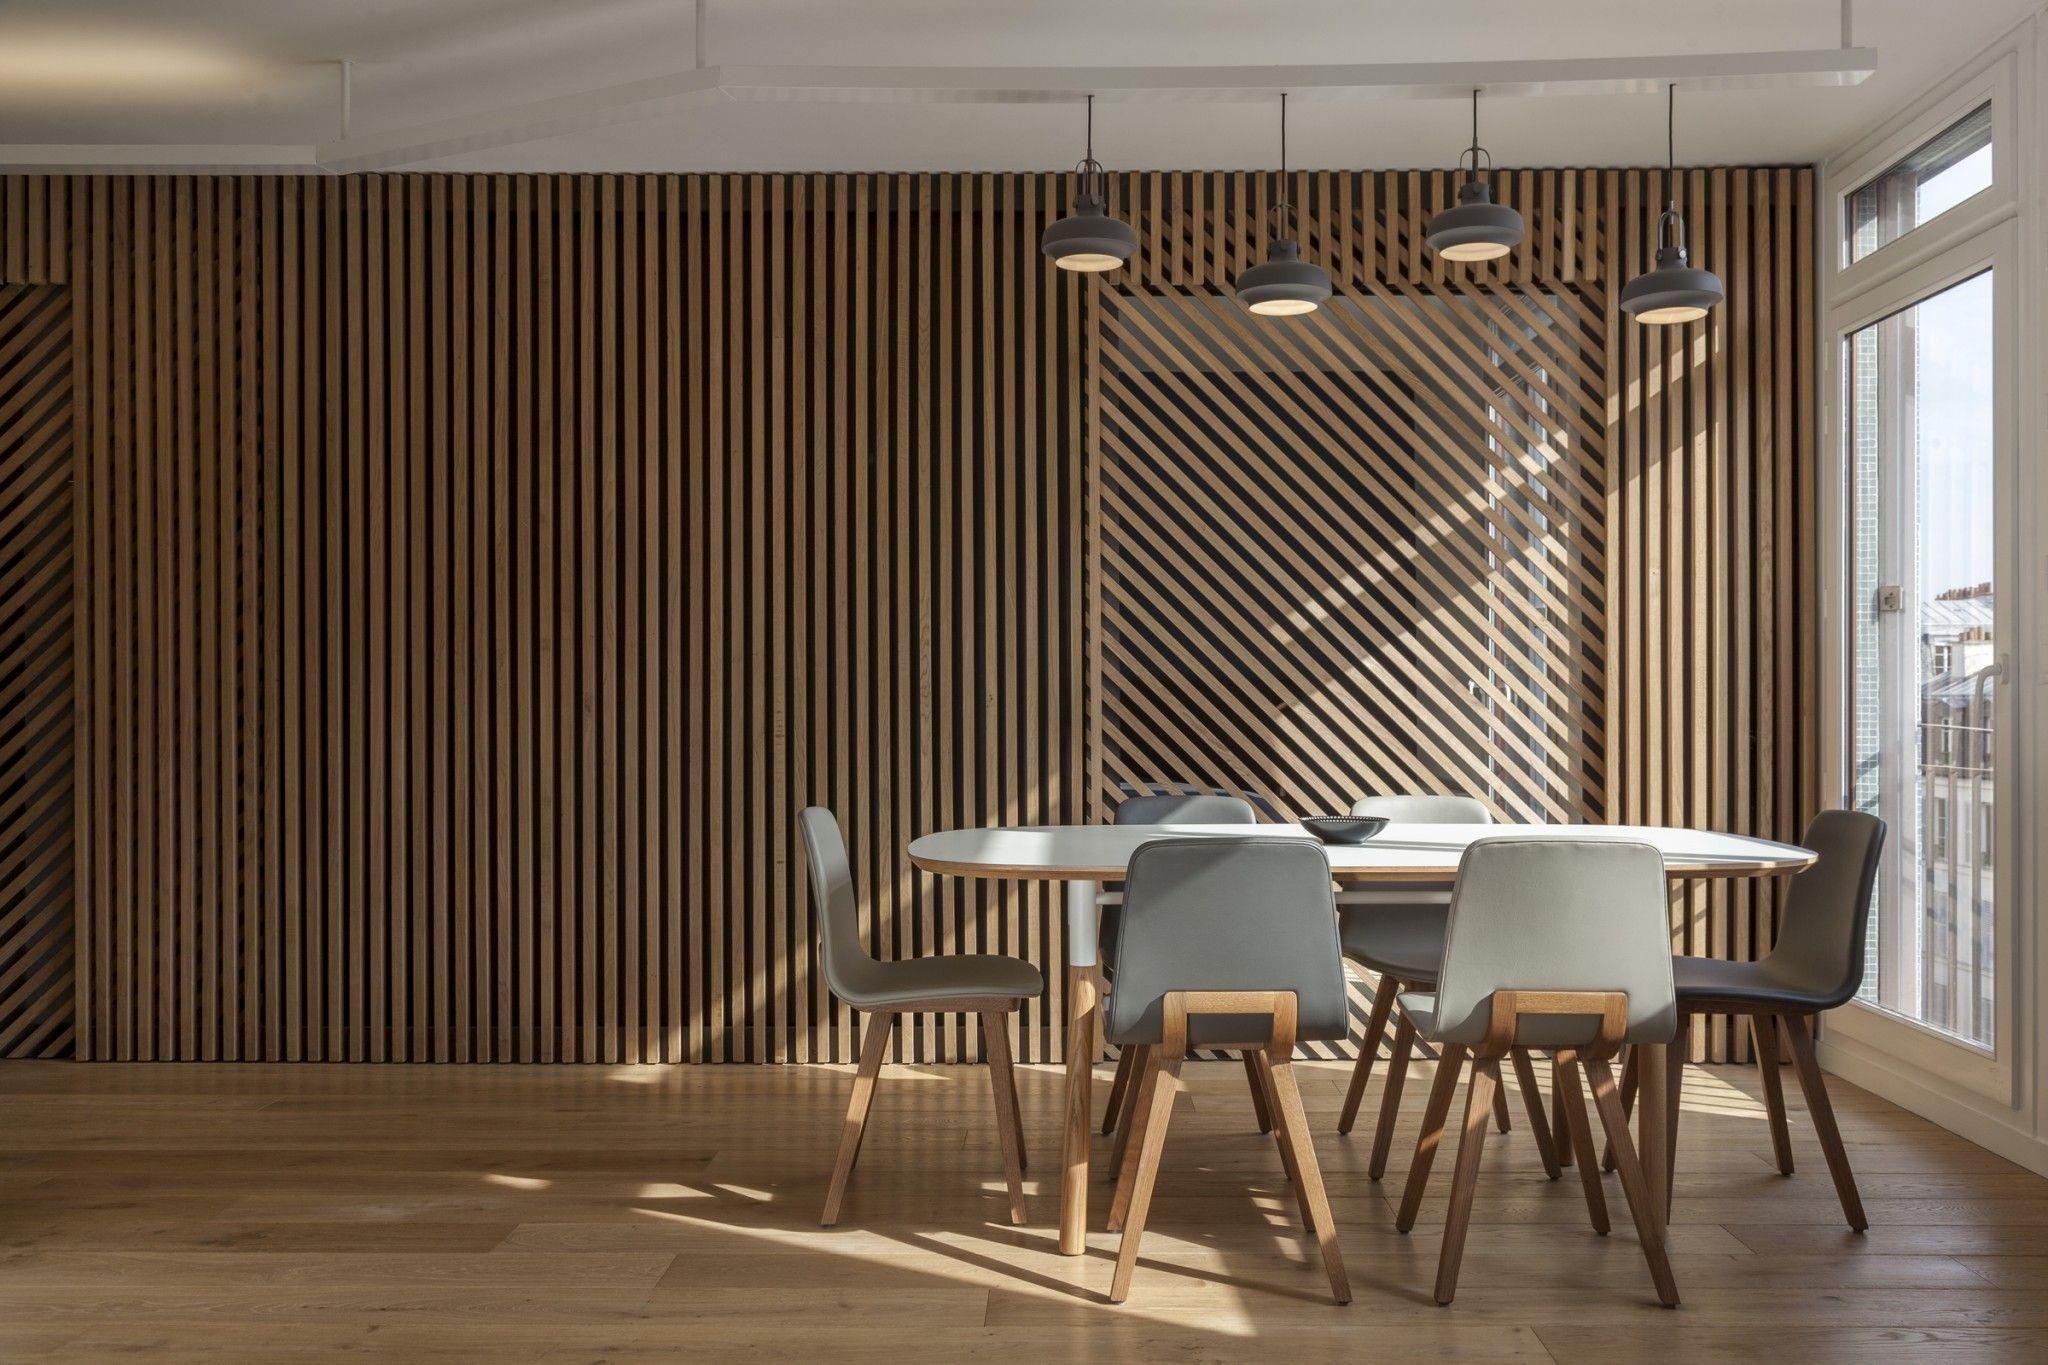 Mur et porte coulissante en claustra tasseaux de bois sur ch ssis m tal avec des jeu de - Porte appartement bois ...